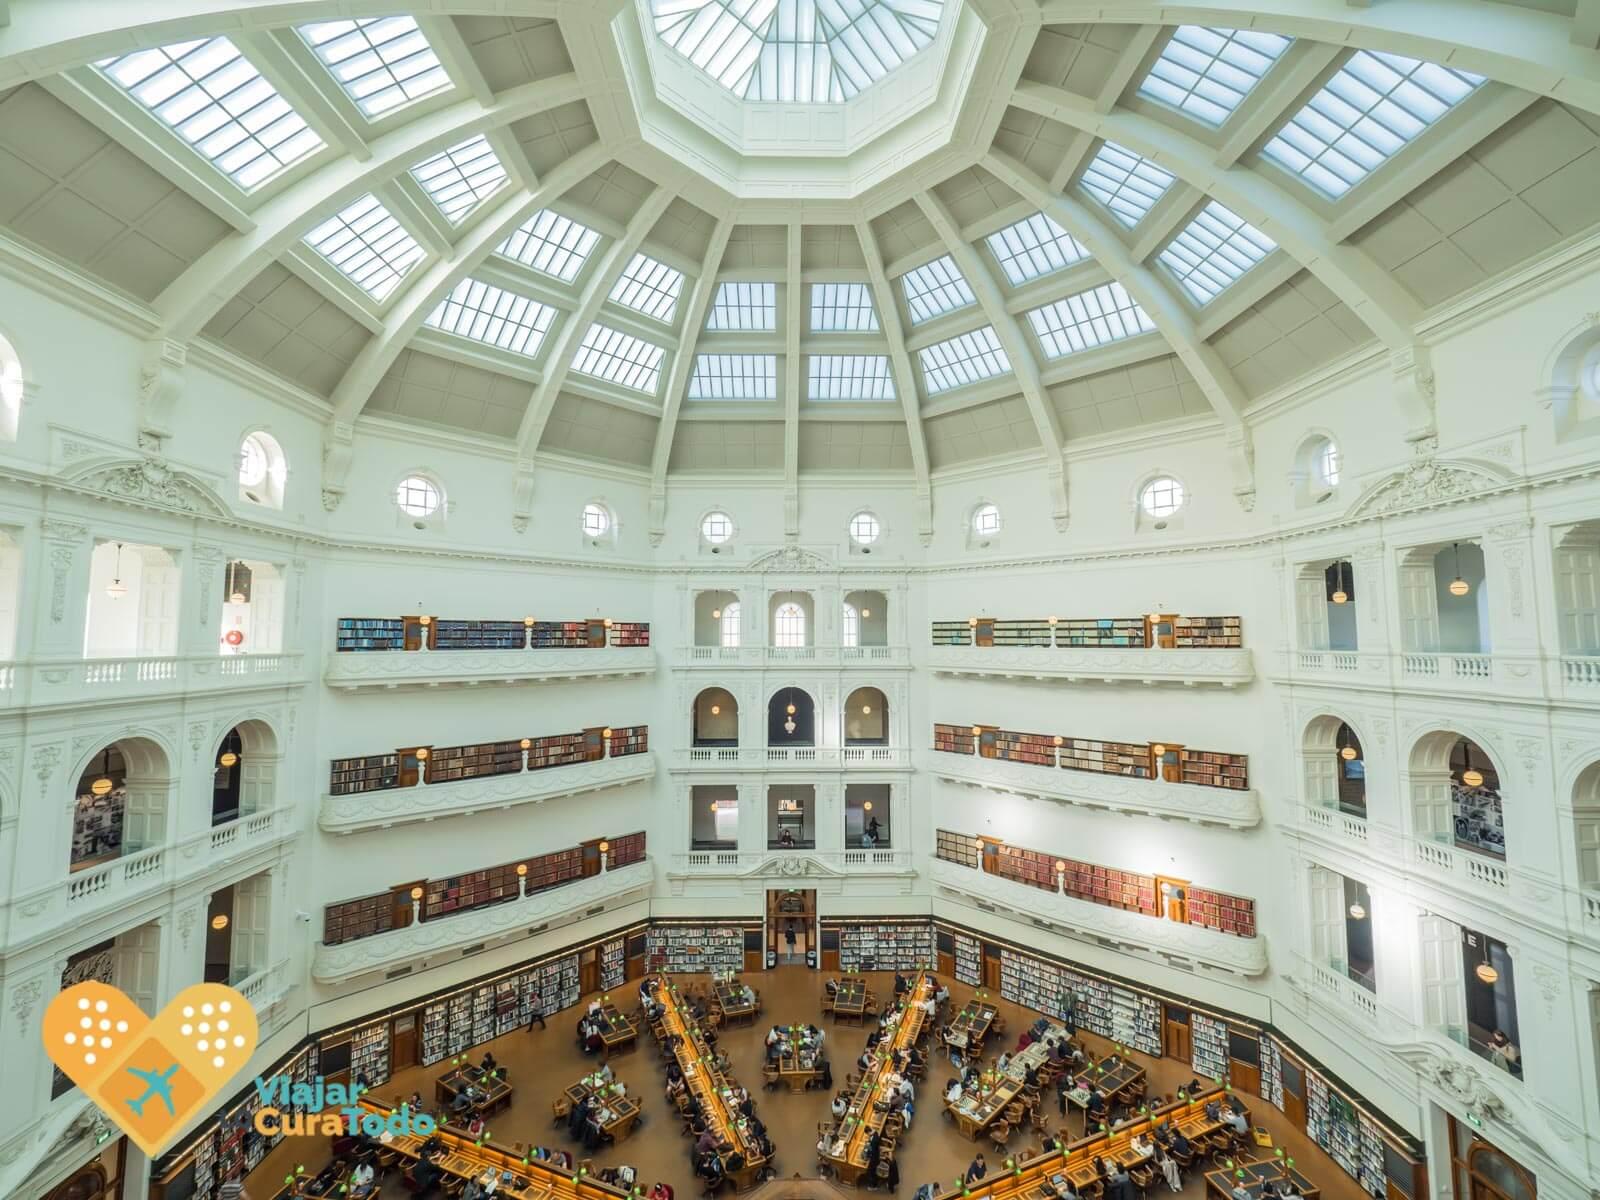 Victoria Library dome